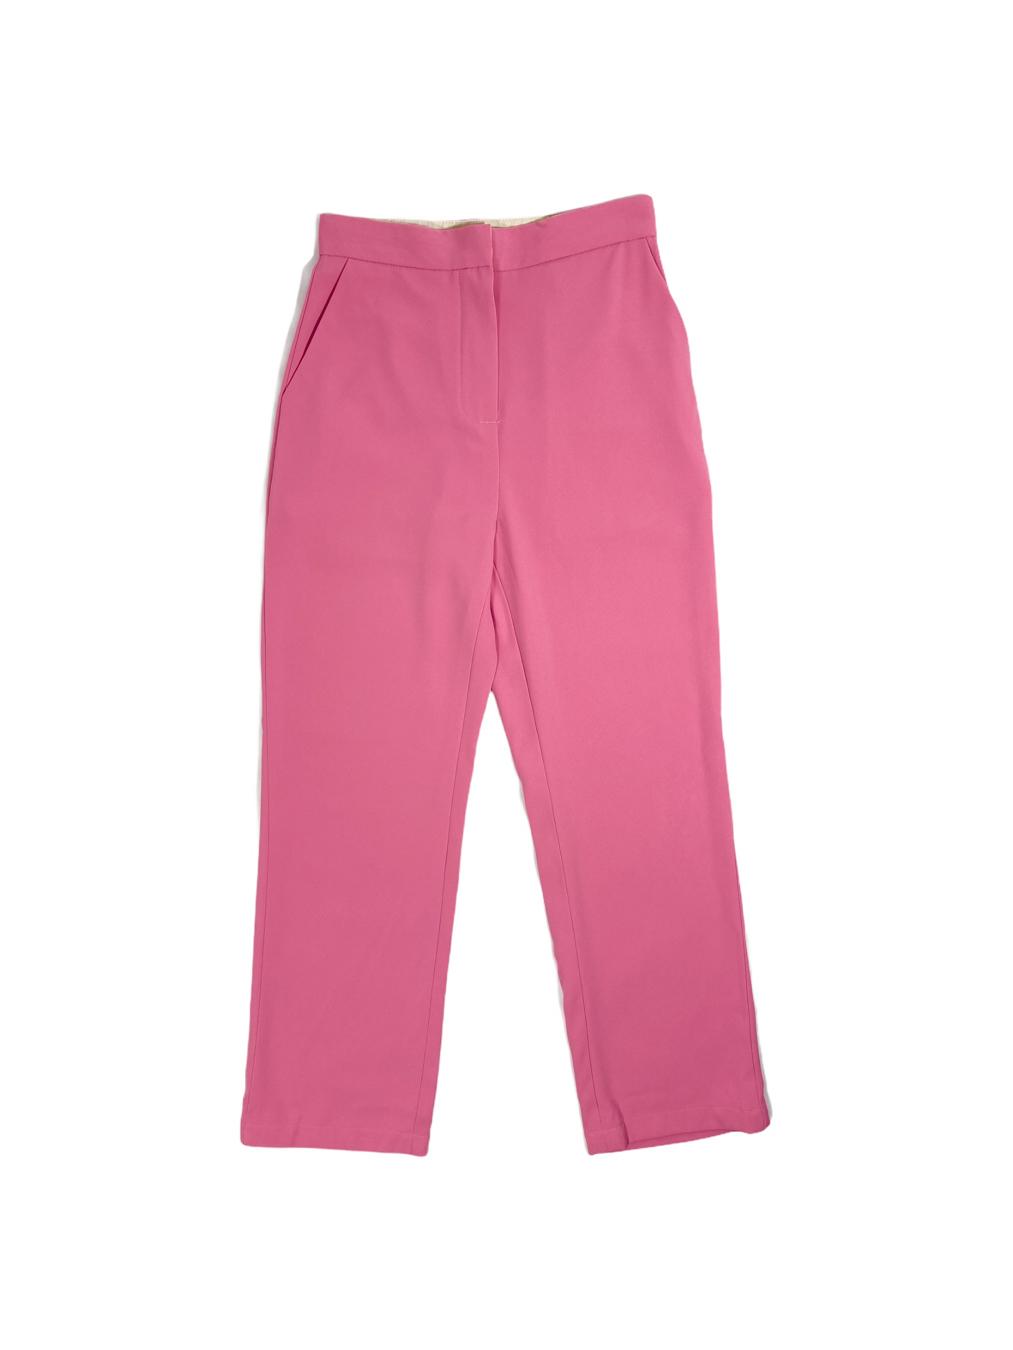 Sydney Pants (Bubblegum)